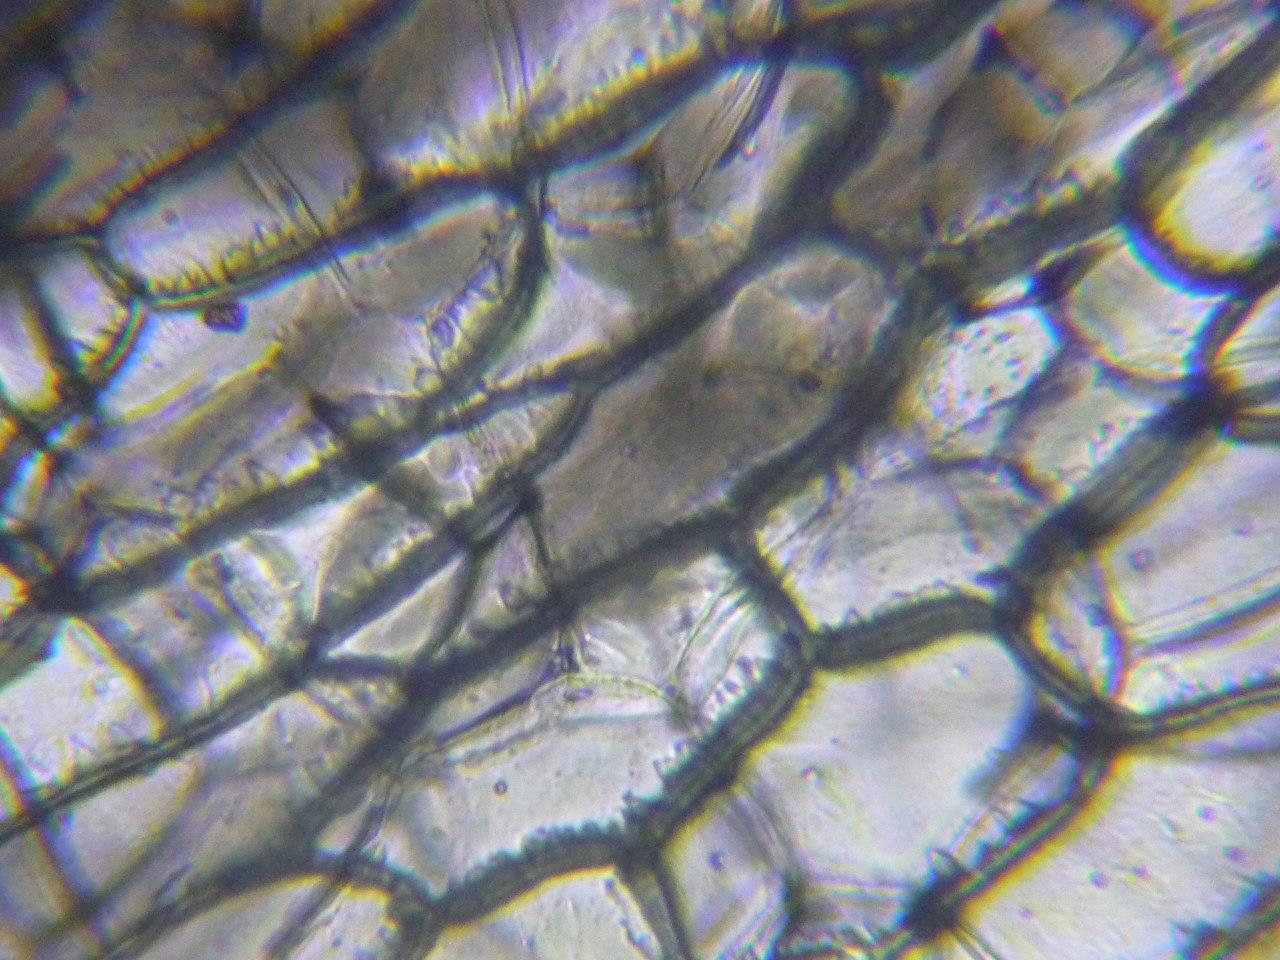 Кожица лука под микроскопом